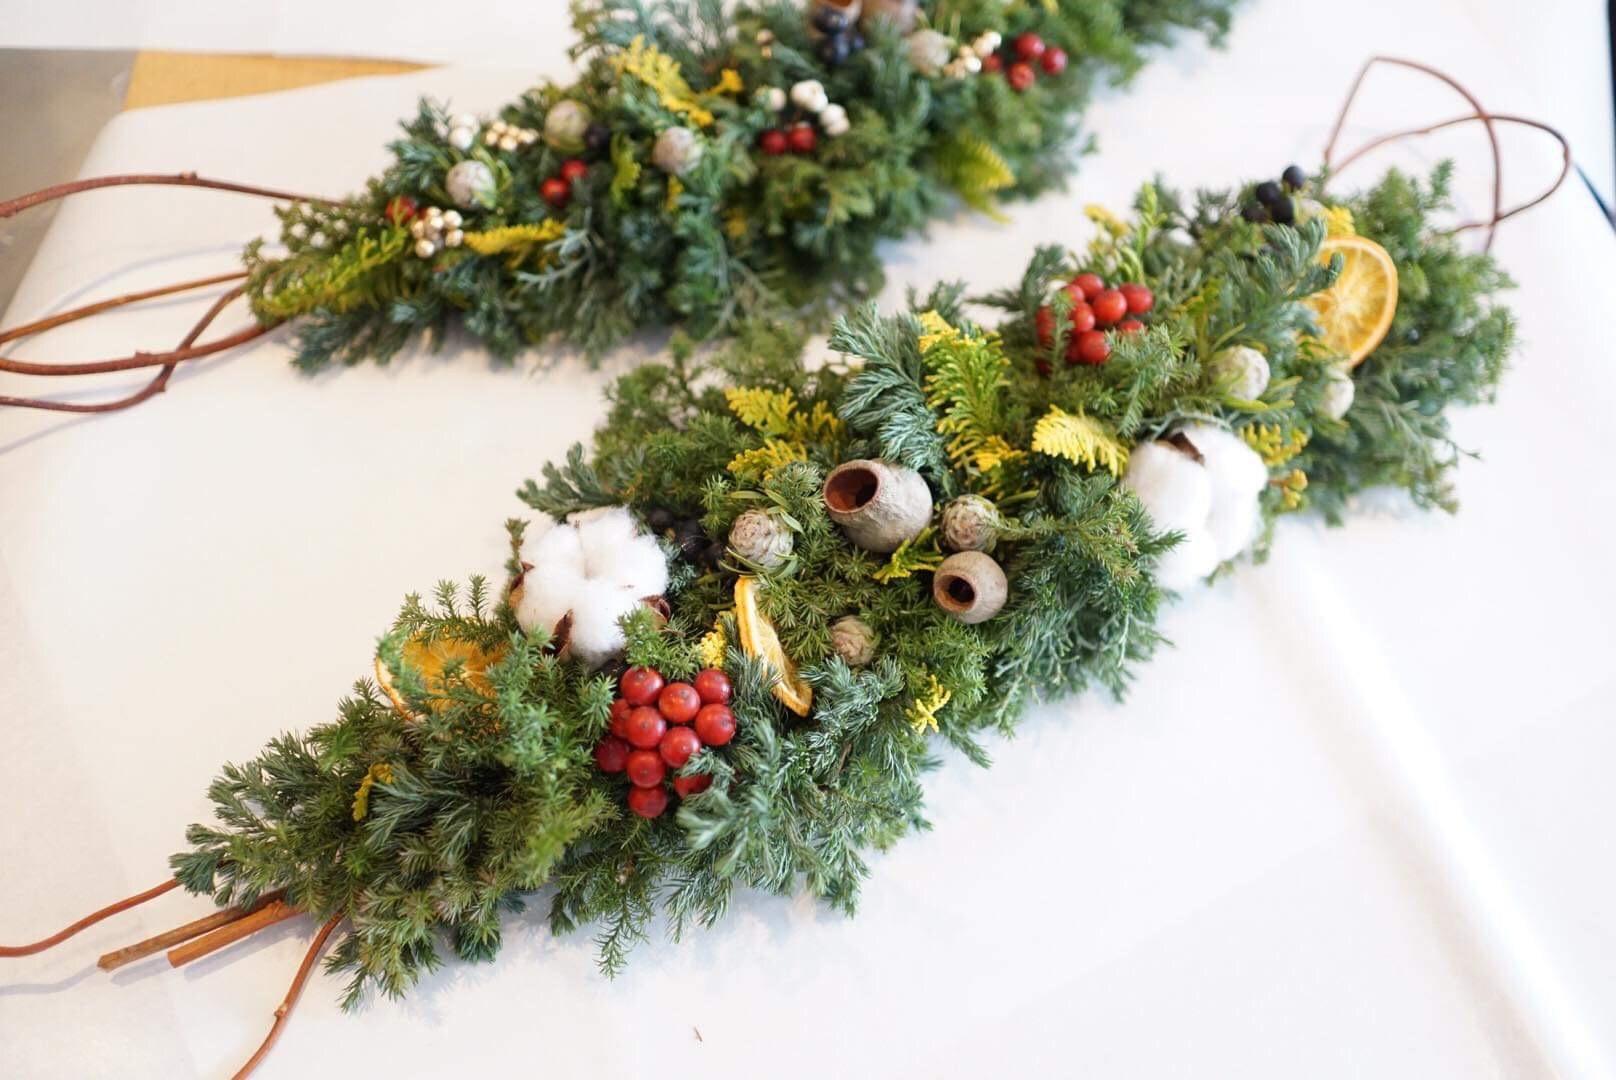 クリスマスガーランドワークショップ 無事終了いたしました」_a0325273_01395818.jpg